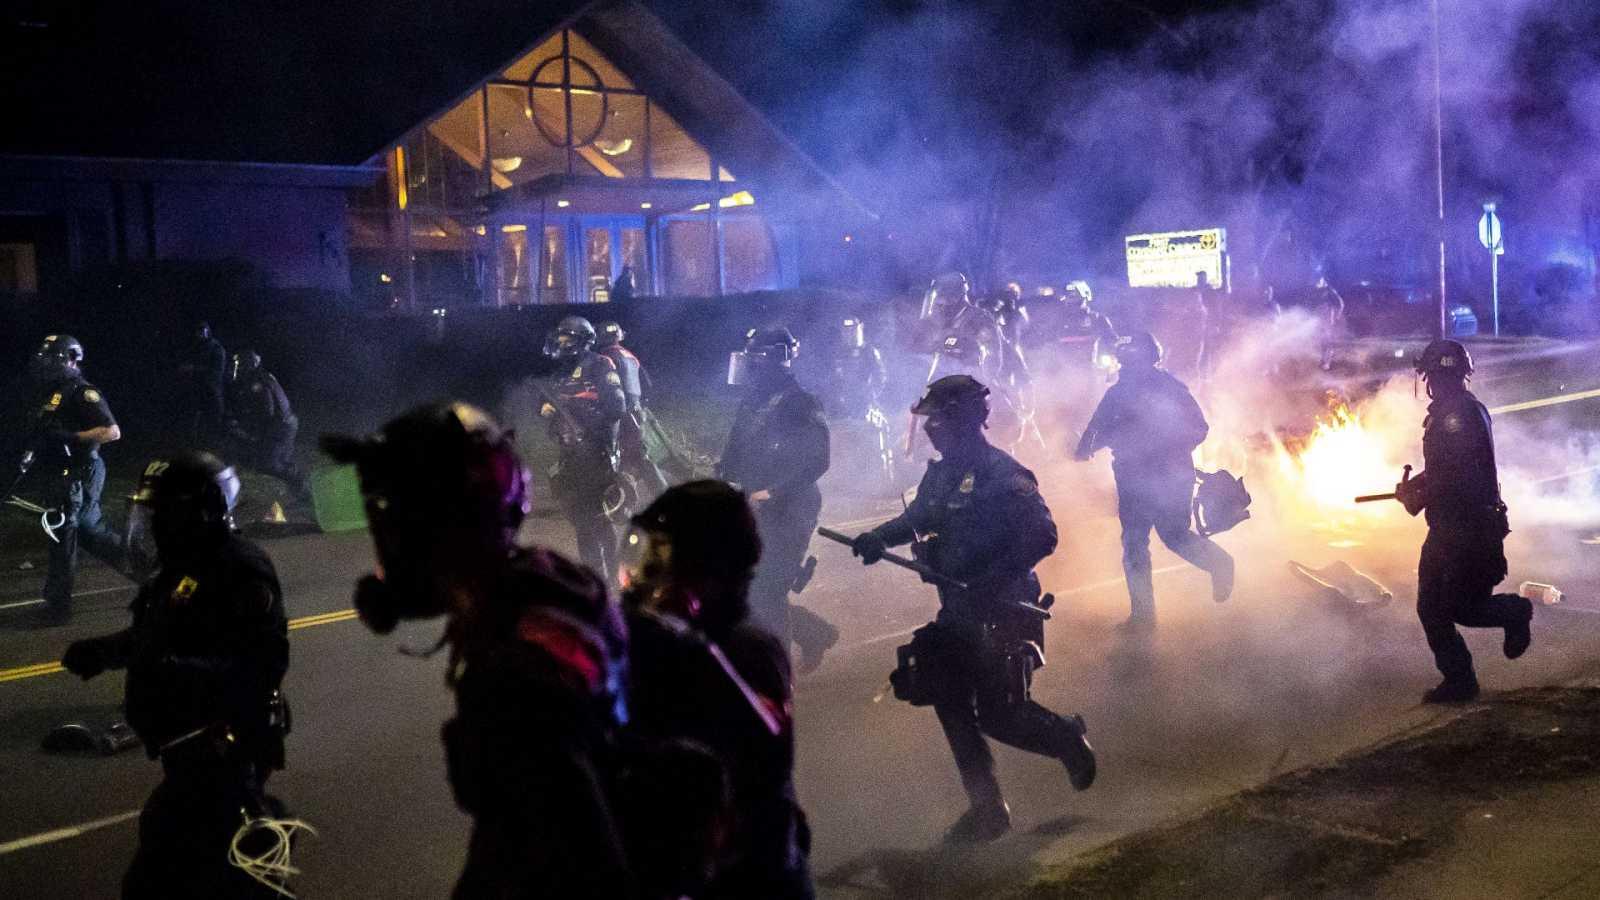 Segunda noche de disturbios en Mineápolis tras la muerte de Daunte Wright en una detención policial